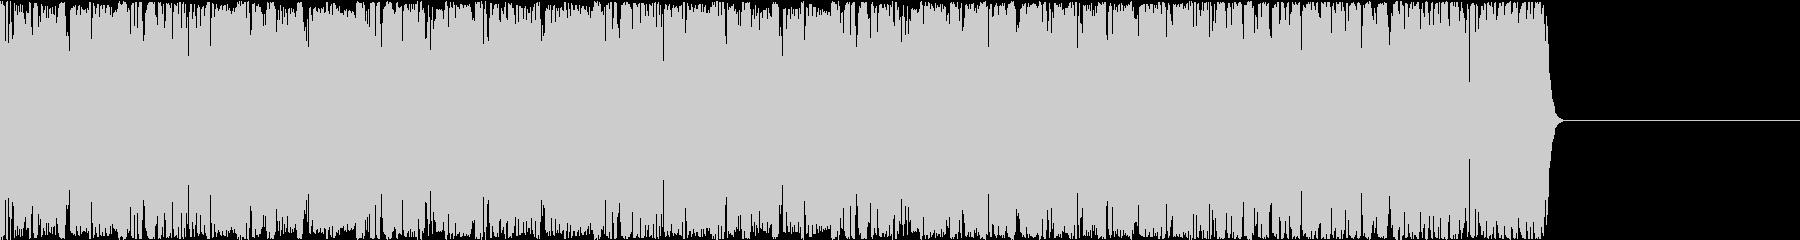 コミカルなゲームのBGM。の未再生の波形